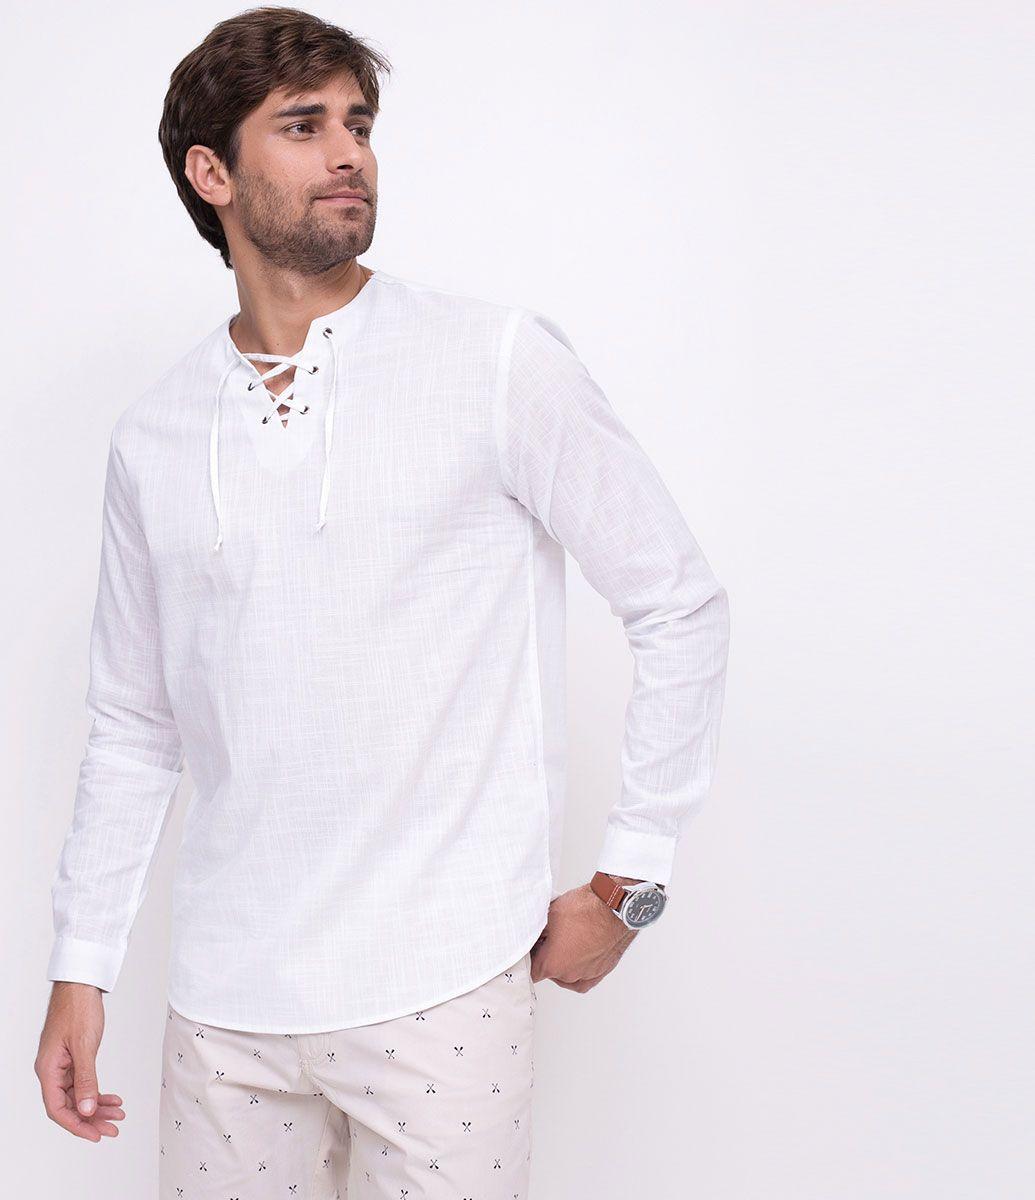 18e0ac9131 Camisa masculina Manga longa Gola padre Com amarração Marca  Marfinno  Tecido  Voal Composição